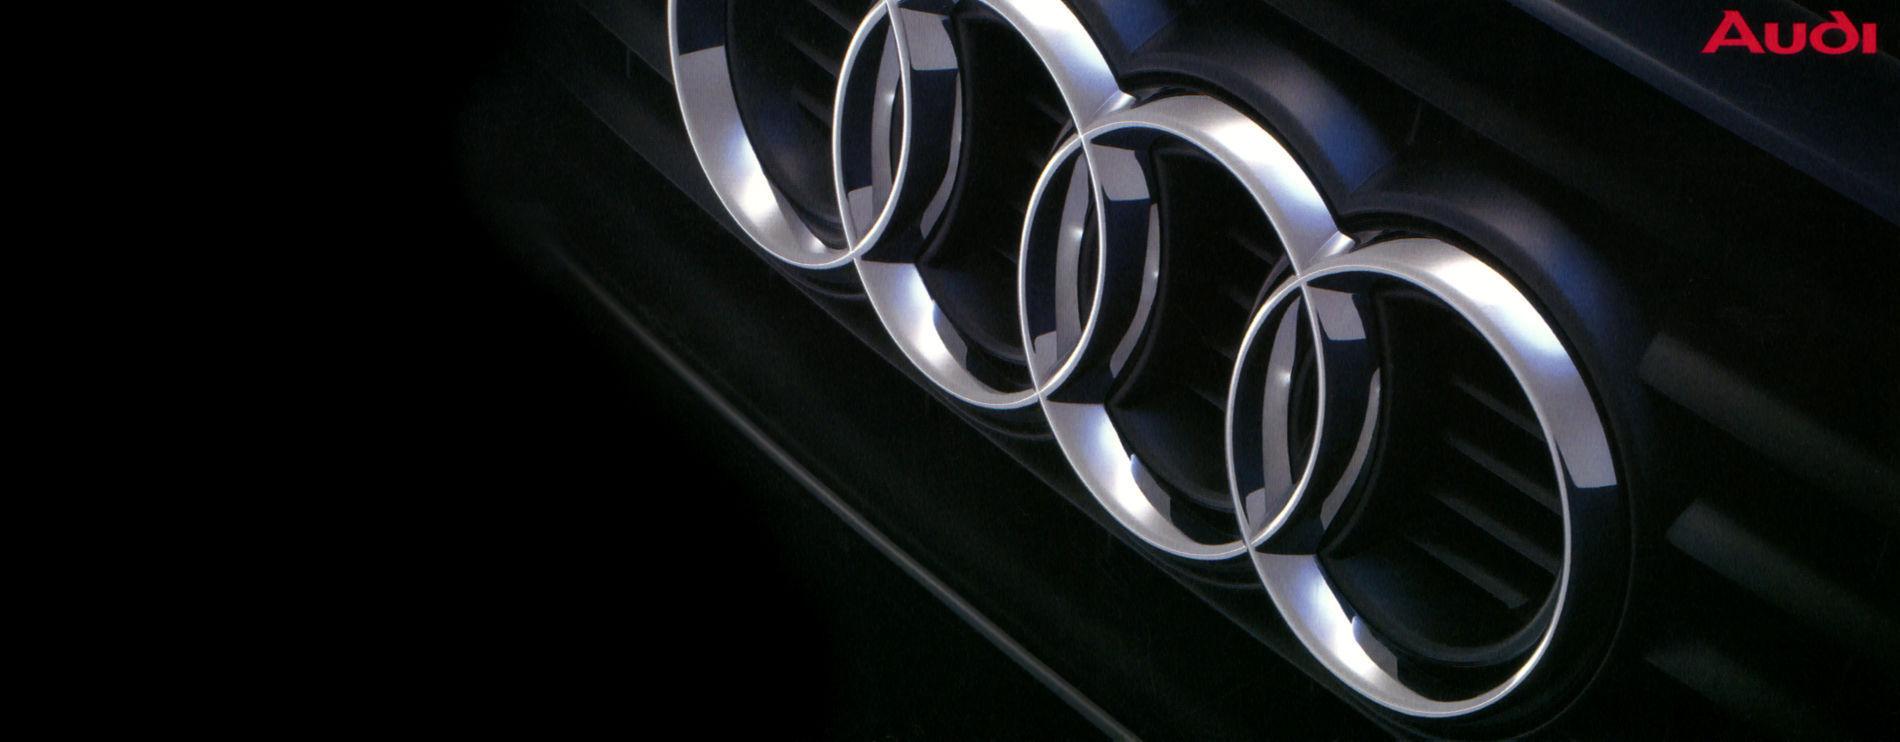 2008 Audi A4 | Audi Grille